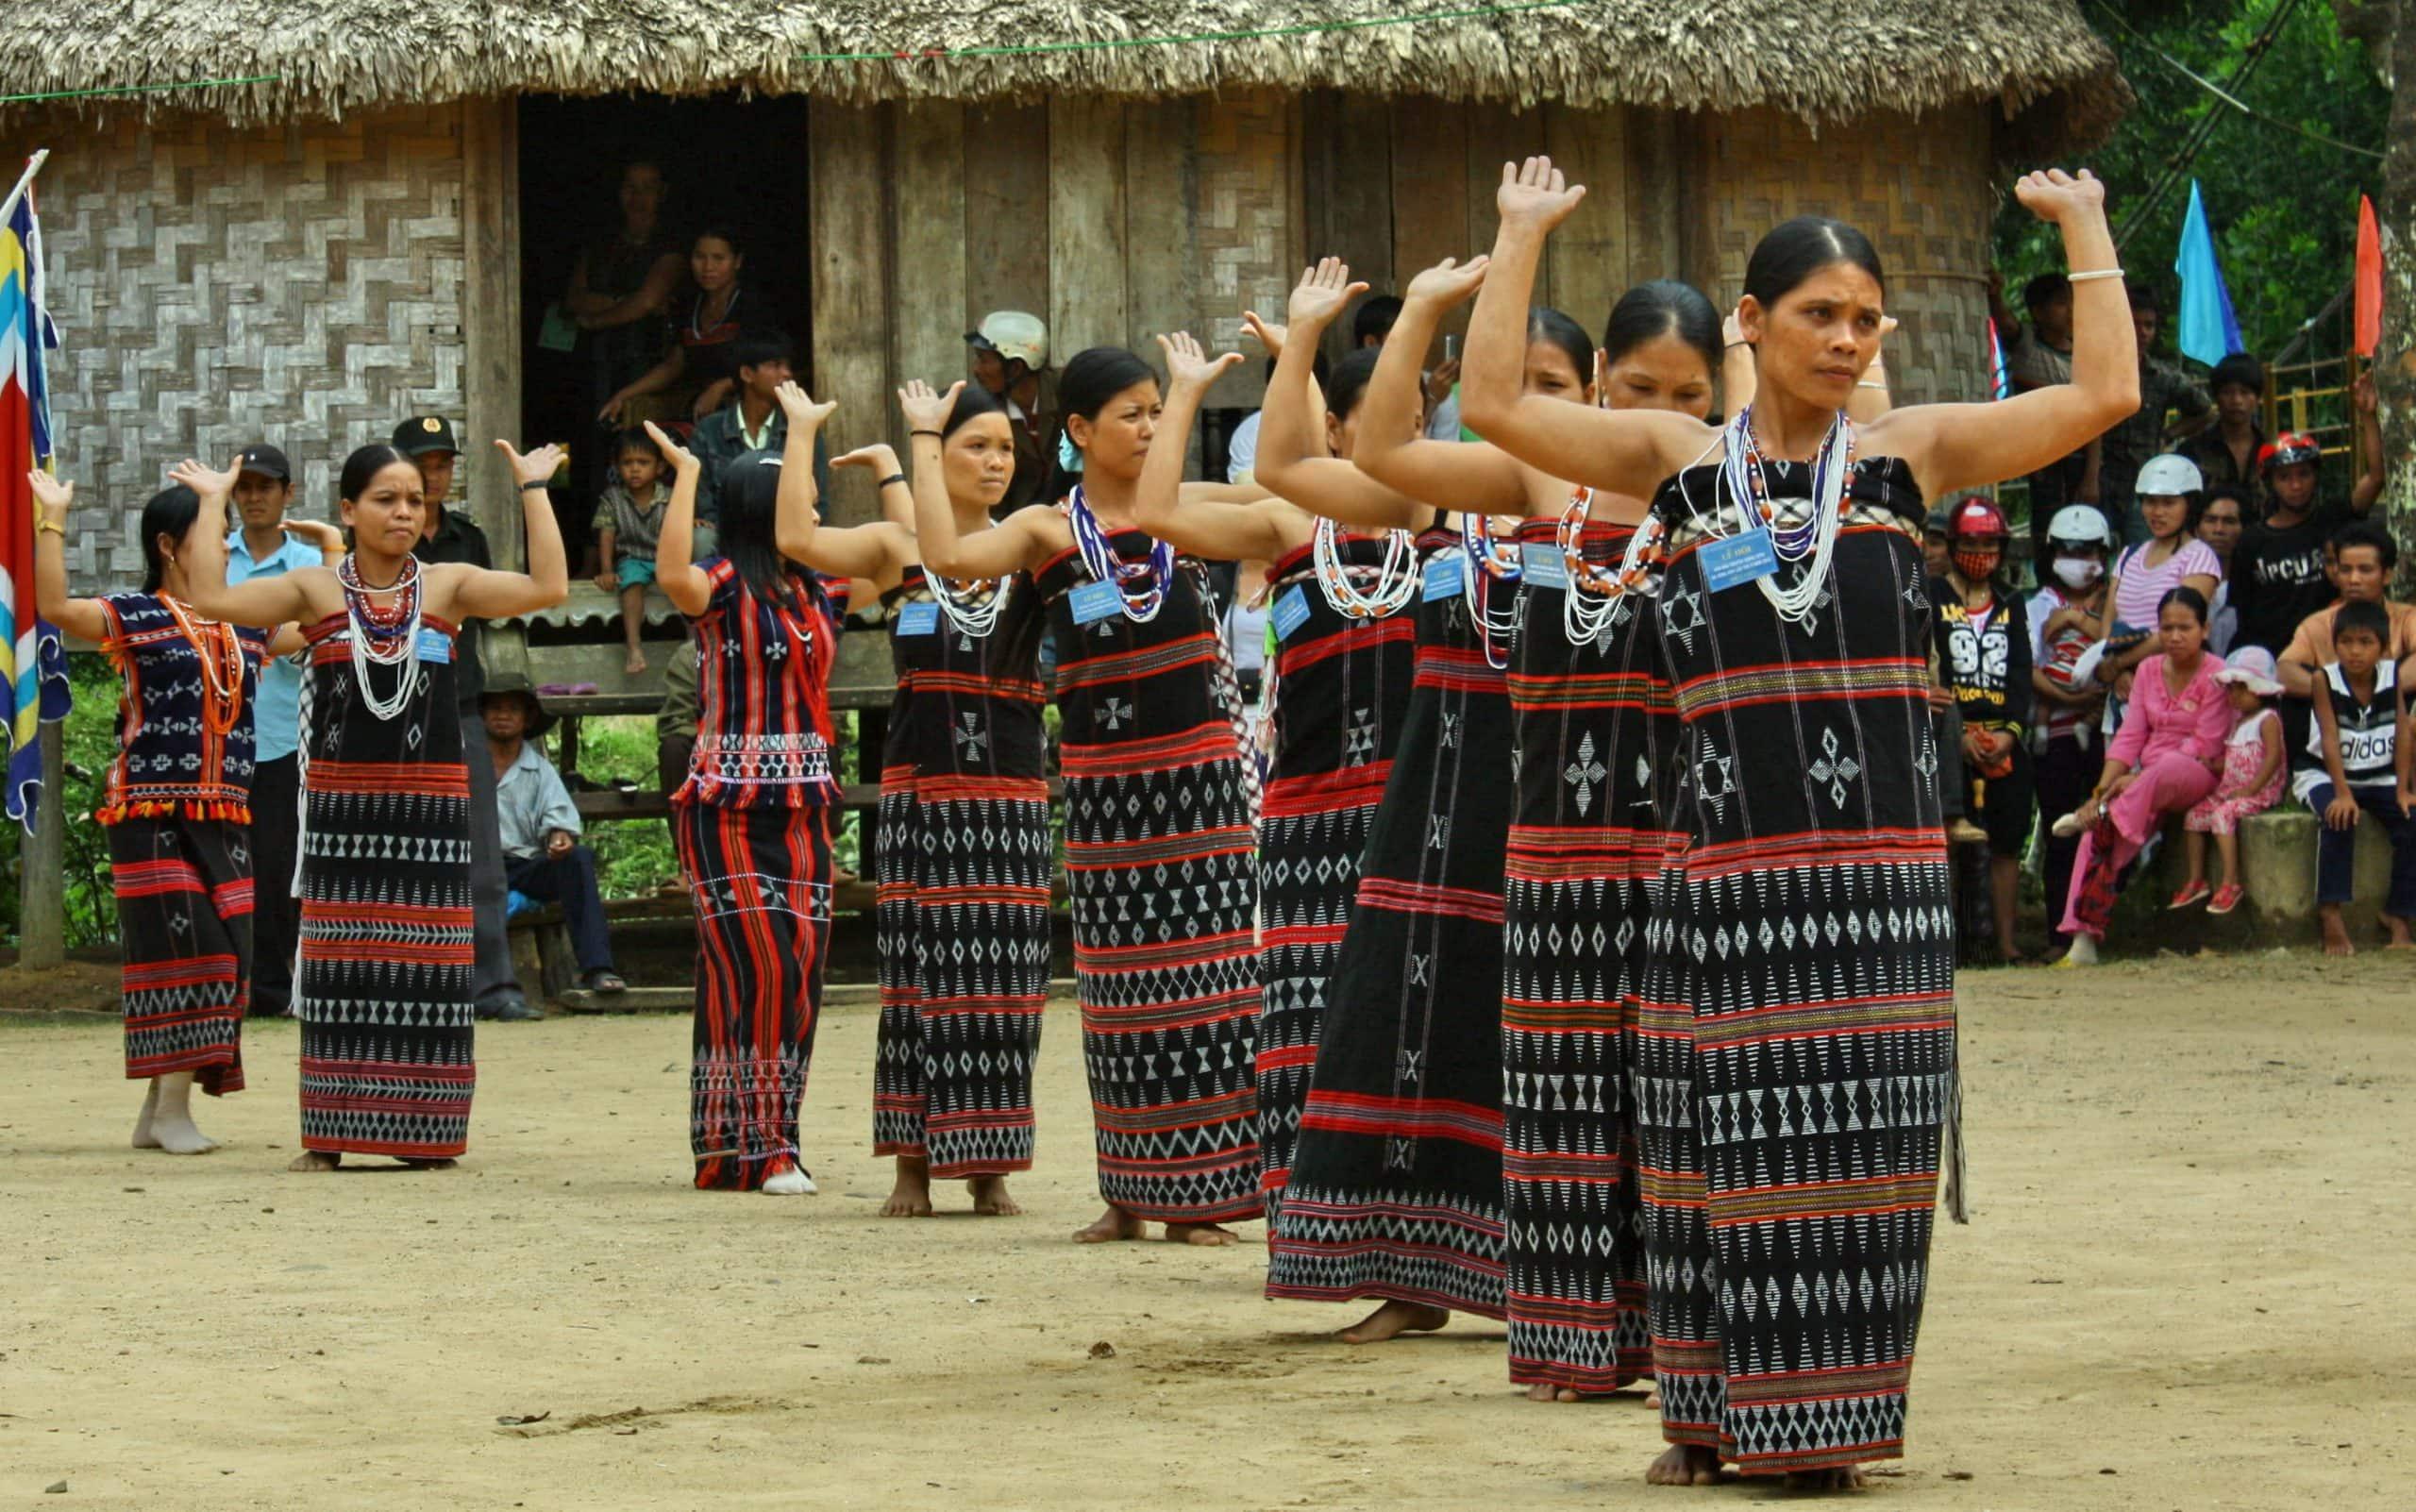 Bí ẩn vũ điệu dâng trời của dân tộc Cơ Tu